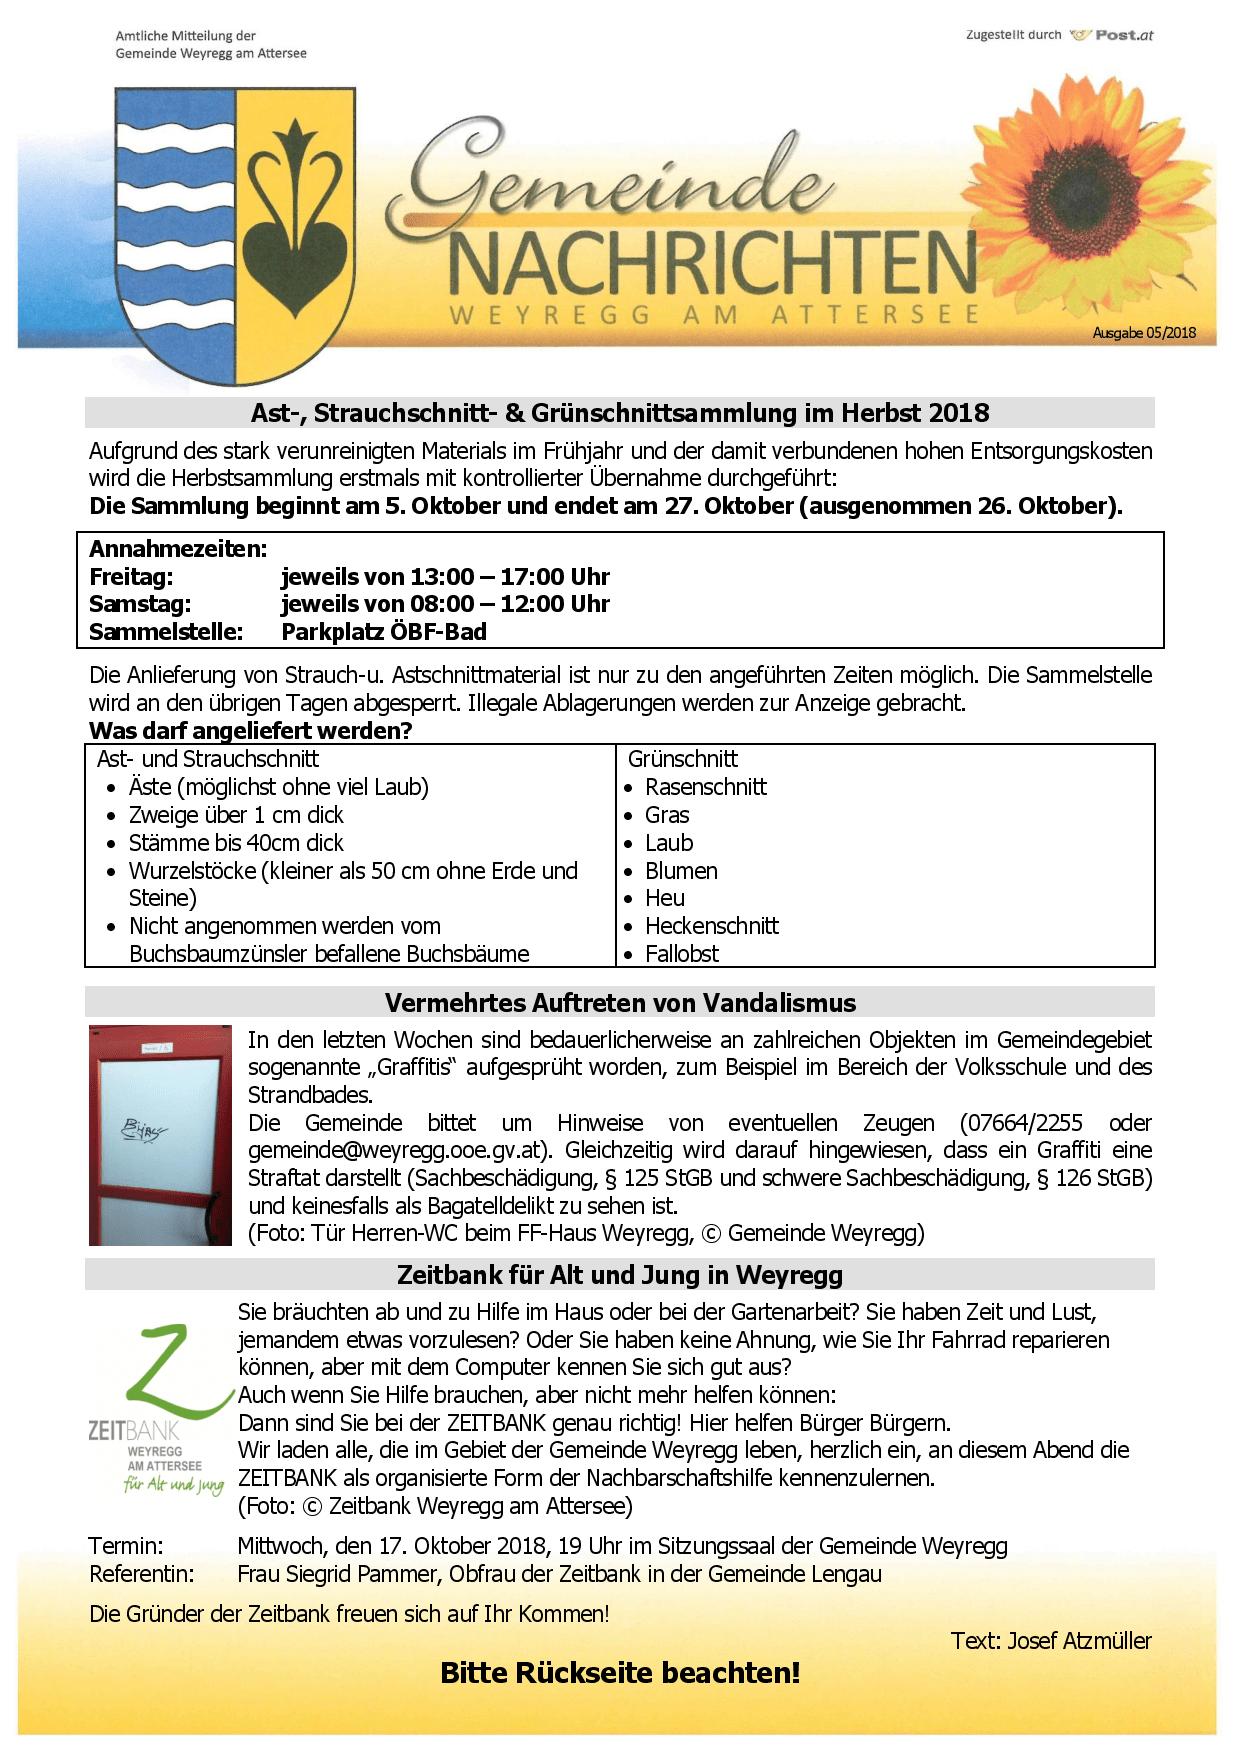 Gemeindenachrichten 05/2018 - Herzlich willkommen in Weyregg am ...